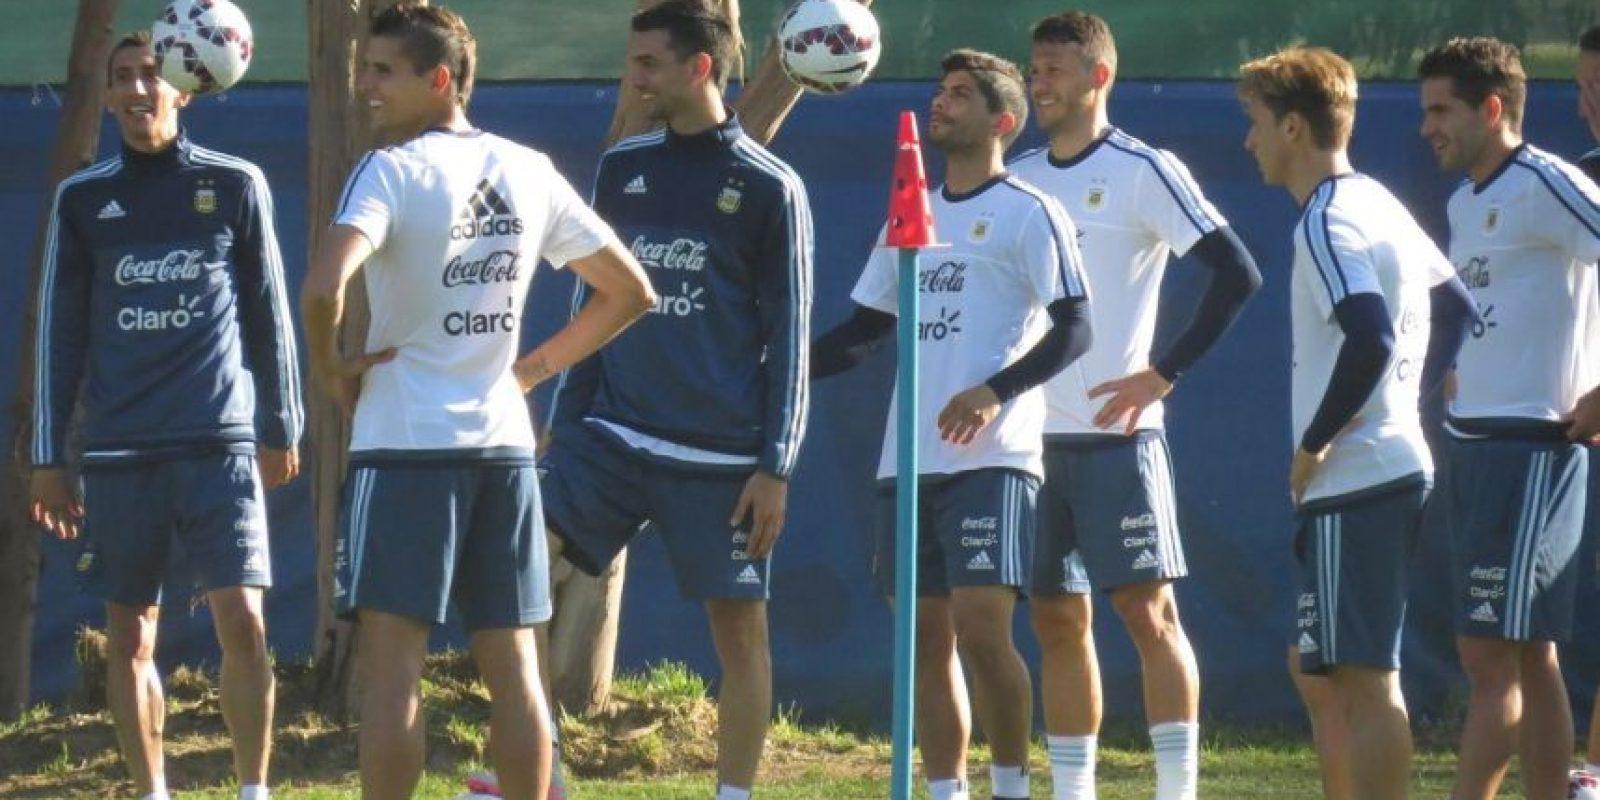 """La """"Albiceleste"""" es quizá el máximo favorito a llevarse el torneo por la calidad de sus futbolistas. Foto:Vía facebook.com/AFASeleccionArgentina"""